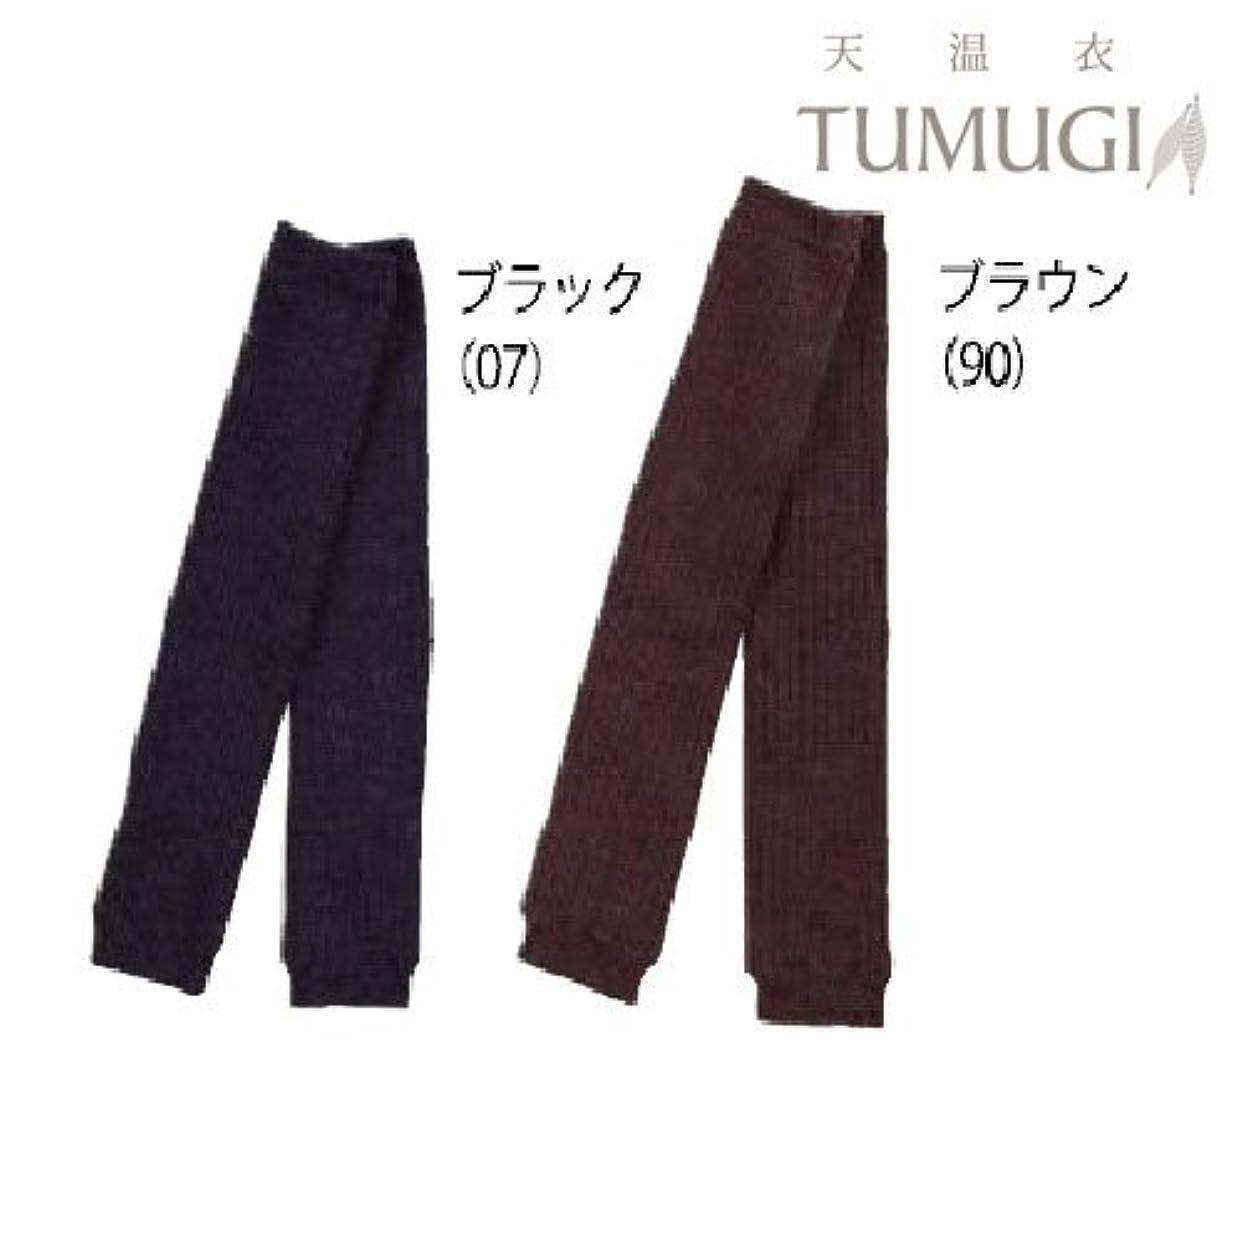 突破口等々ずんぐりした天温衣TUMUGI  ウールとシルクの2重編みレッグウォーマー (ブラック(黒))